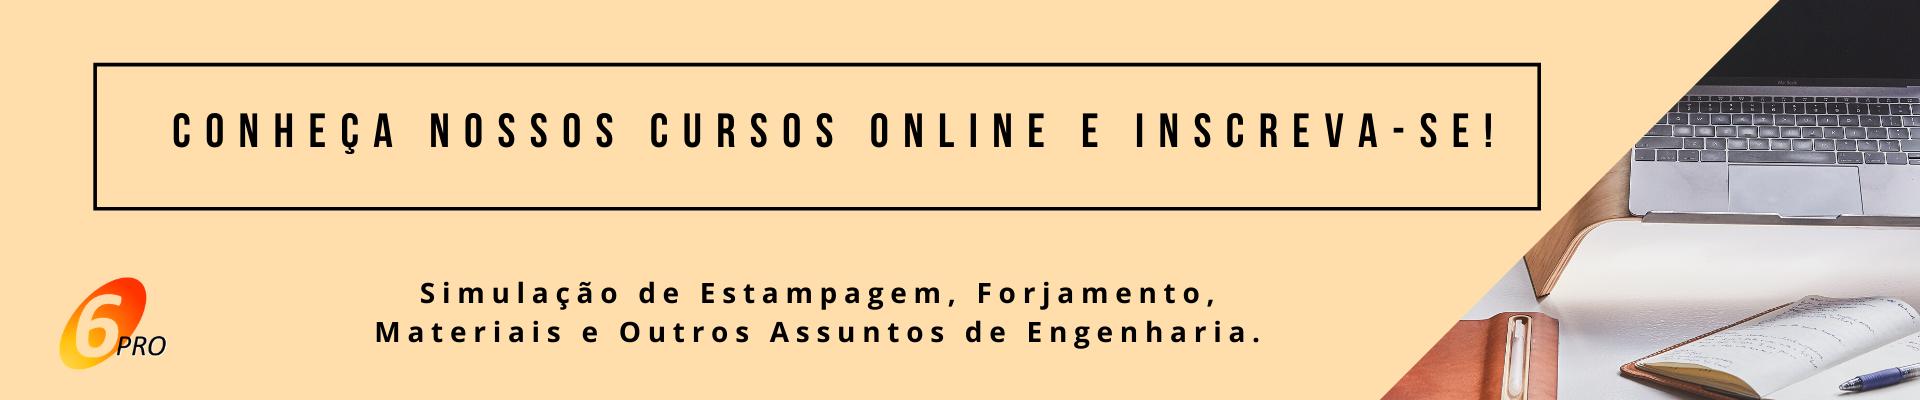 Anúncio Cursos Online